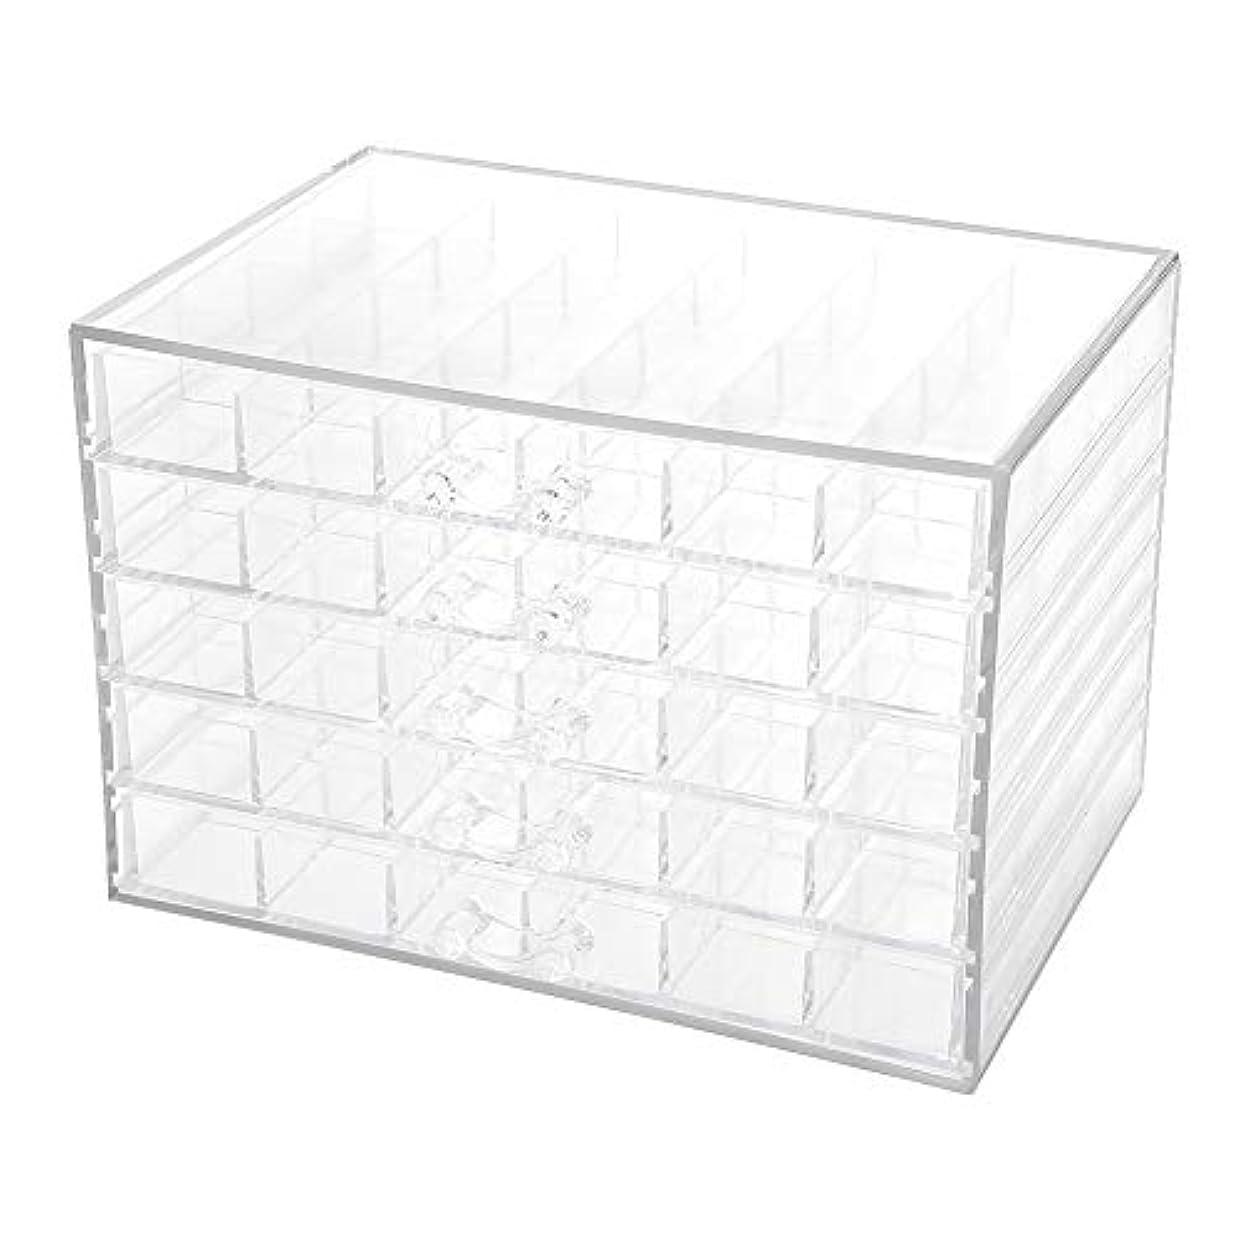 のために生活リハーサルネイルデコレーション収納ボックス、120グリッドネイルデコレーションシーケンス整理ボックス透明な空のネイルアート収納ボックス、ネイルアート機器